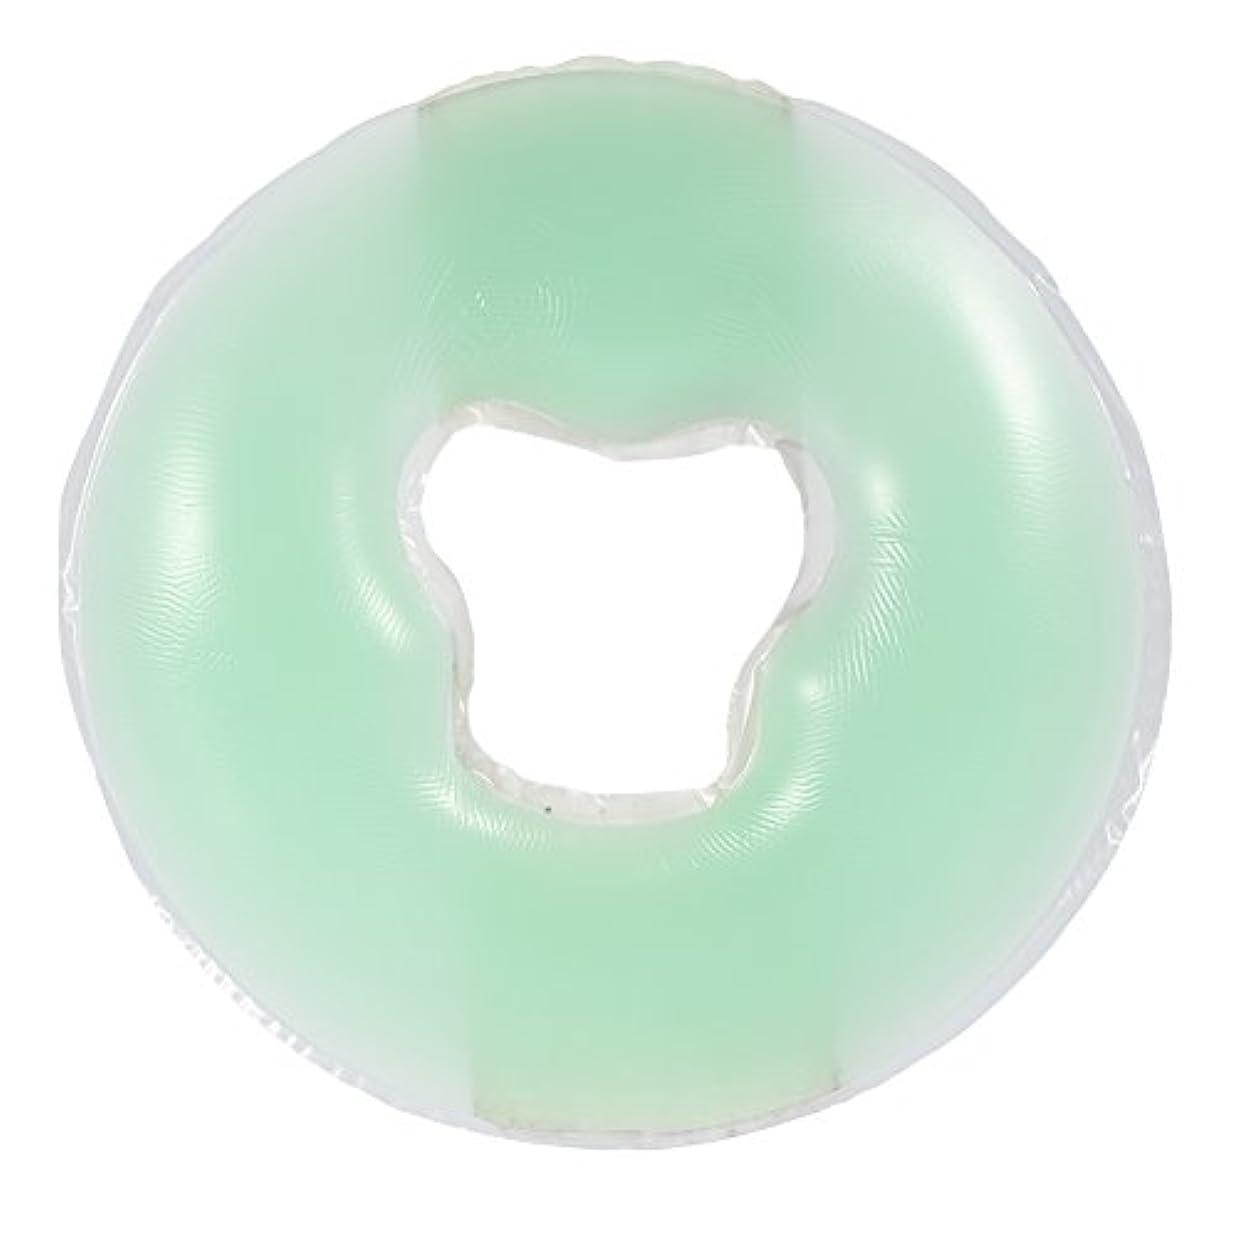 4色シリコンピローマッサージ美容スキンケアソフトオーバーレイフェイスリラックスクレードルクッションパッド(浅绿色)